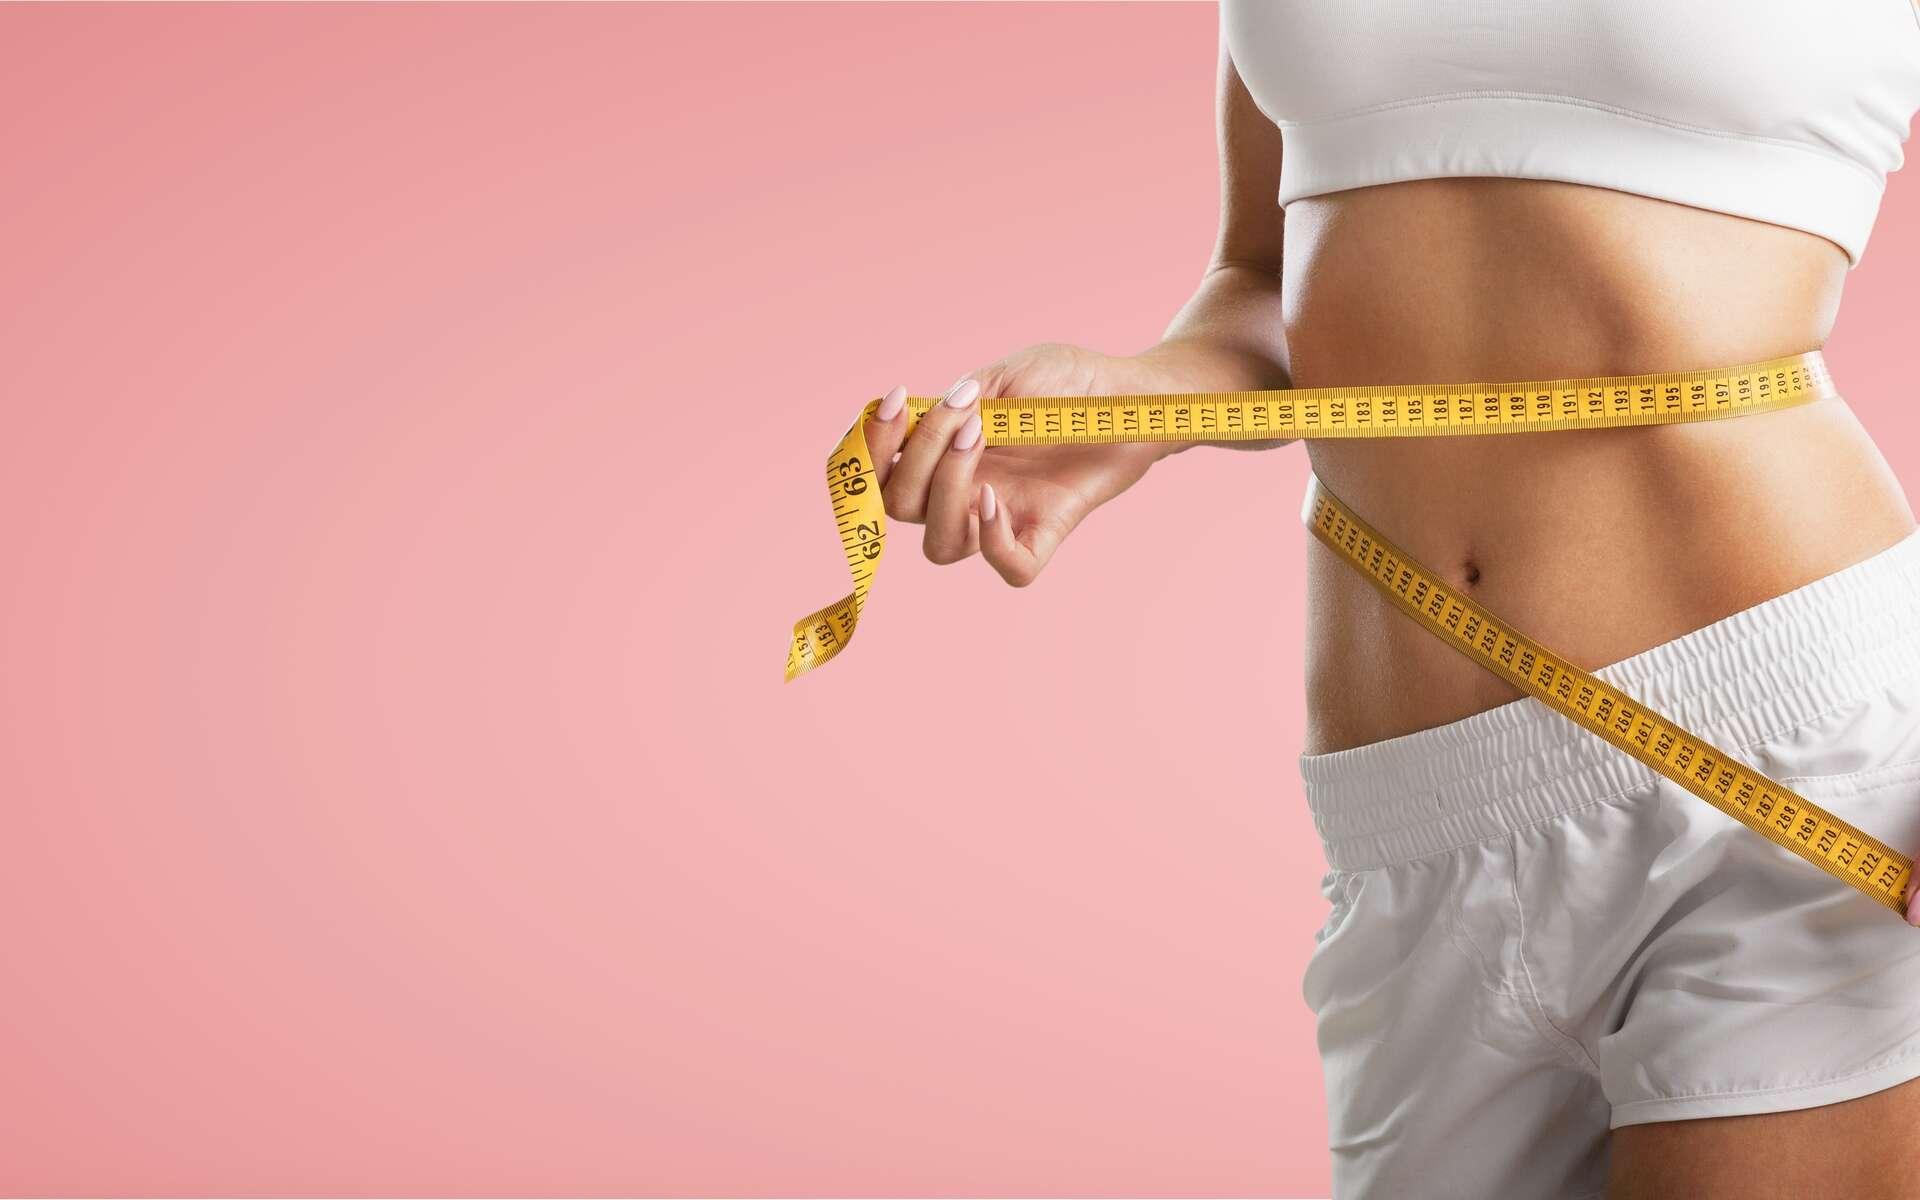 perte de poids résultats retardés perte de poids et faible phosphatase alcaline